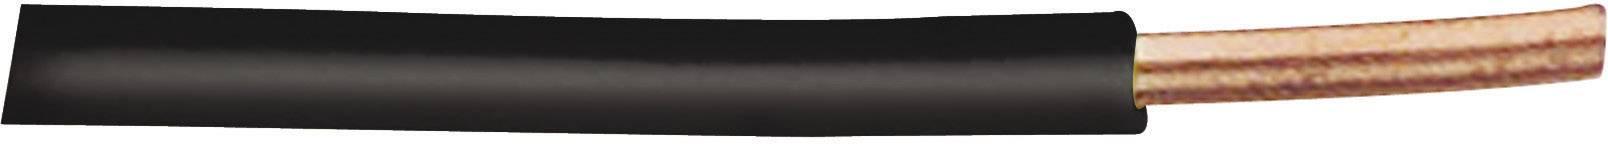 Spojovací drát XBK Kabel H07V-U, 1 x 4 mm², vnější Ø 4.40 mm, černá, metrové zboží